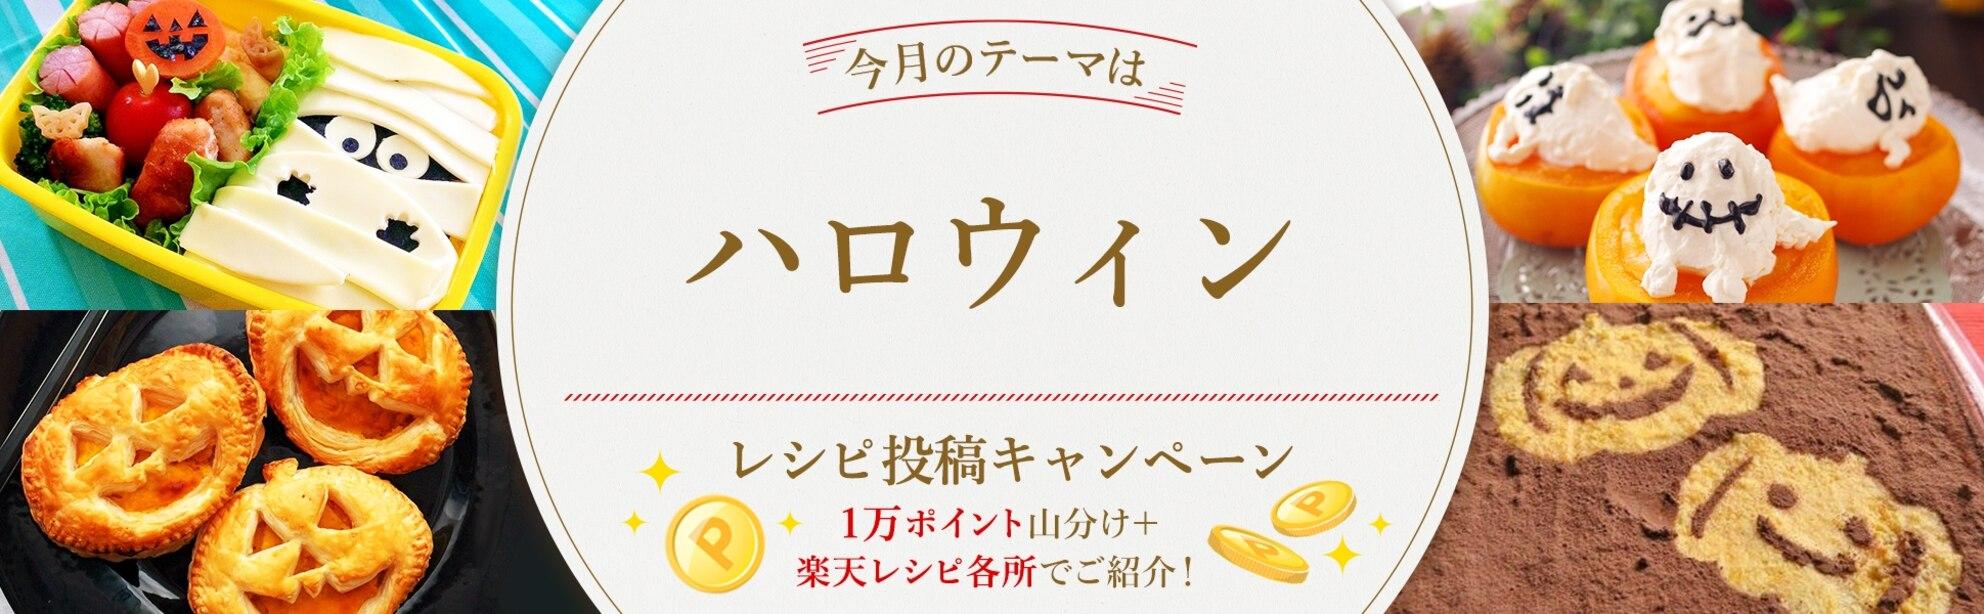 【毎月開催!】自慢のレシピ大募集♪<今月のテーマは「ハロウィン」!>